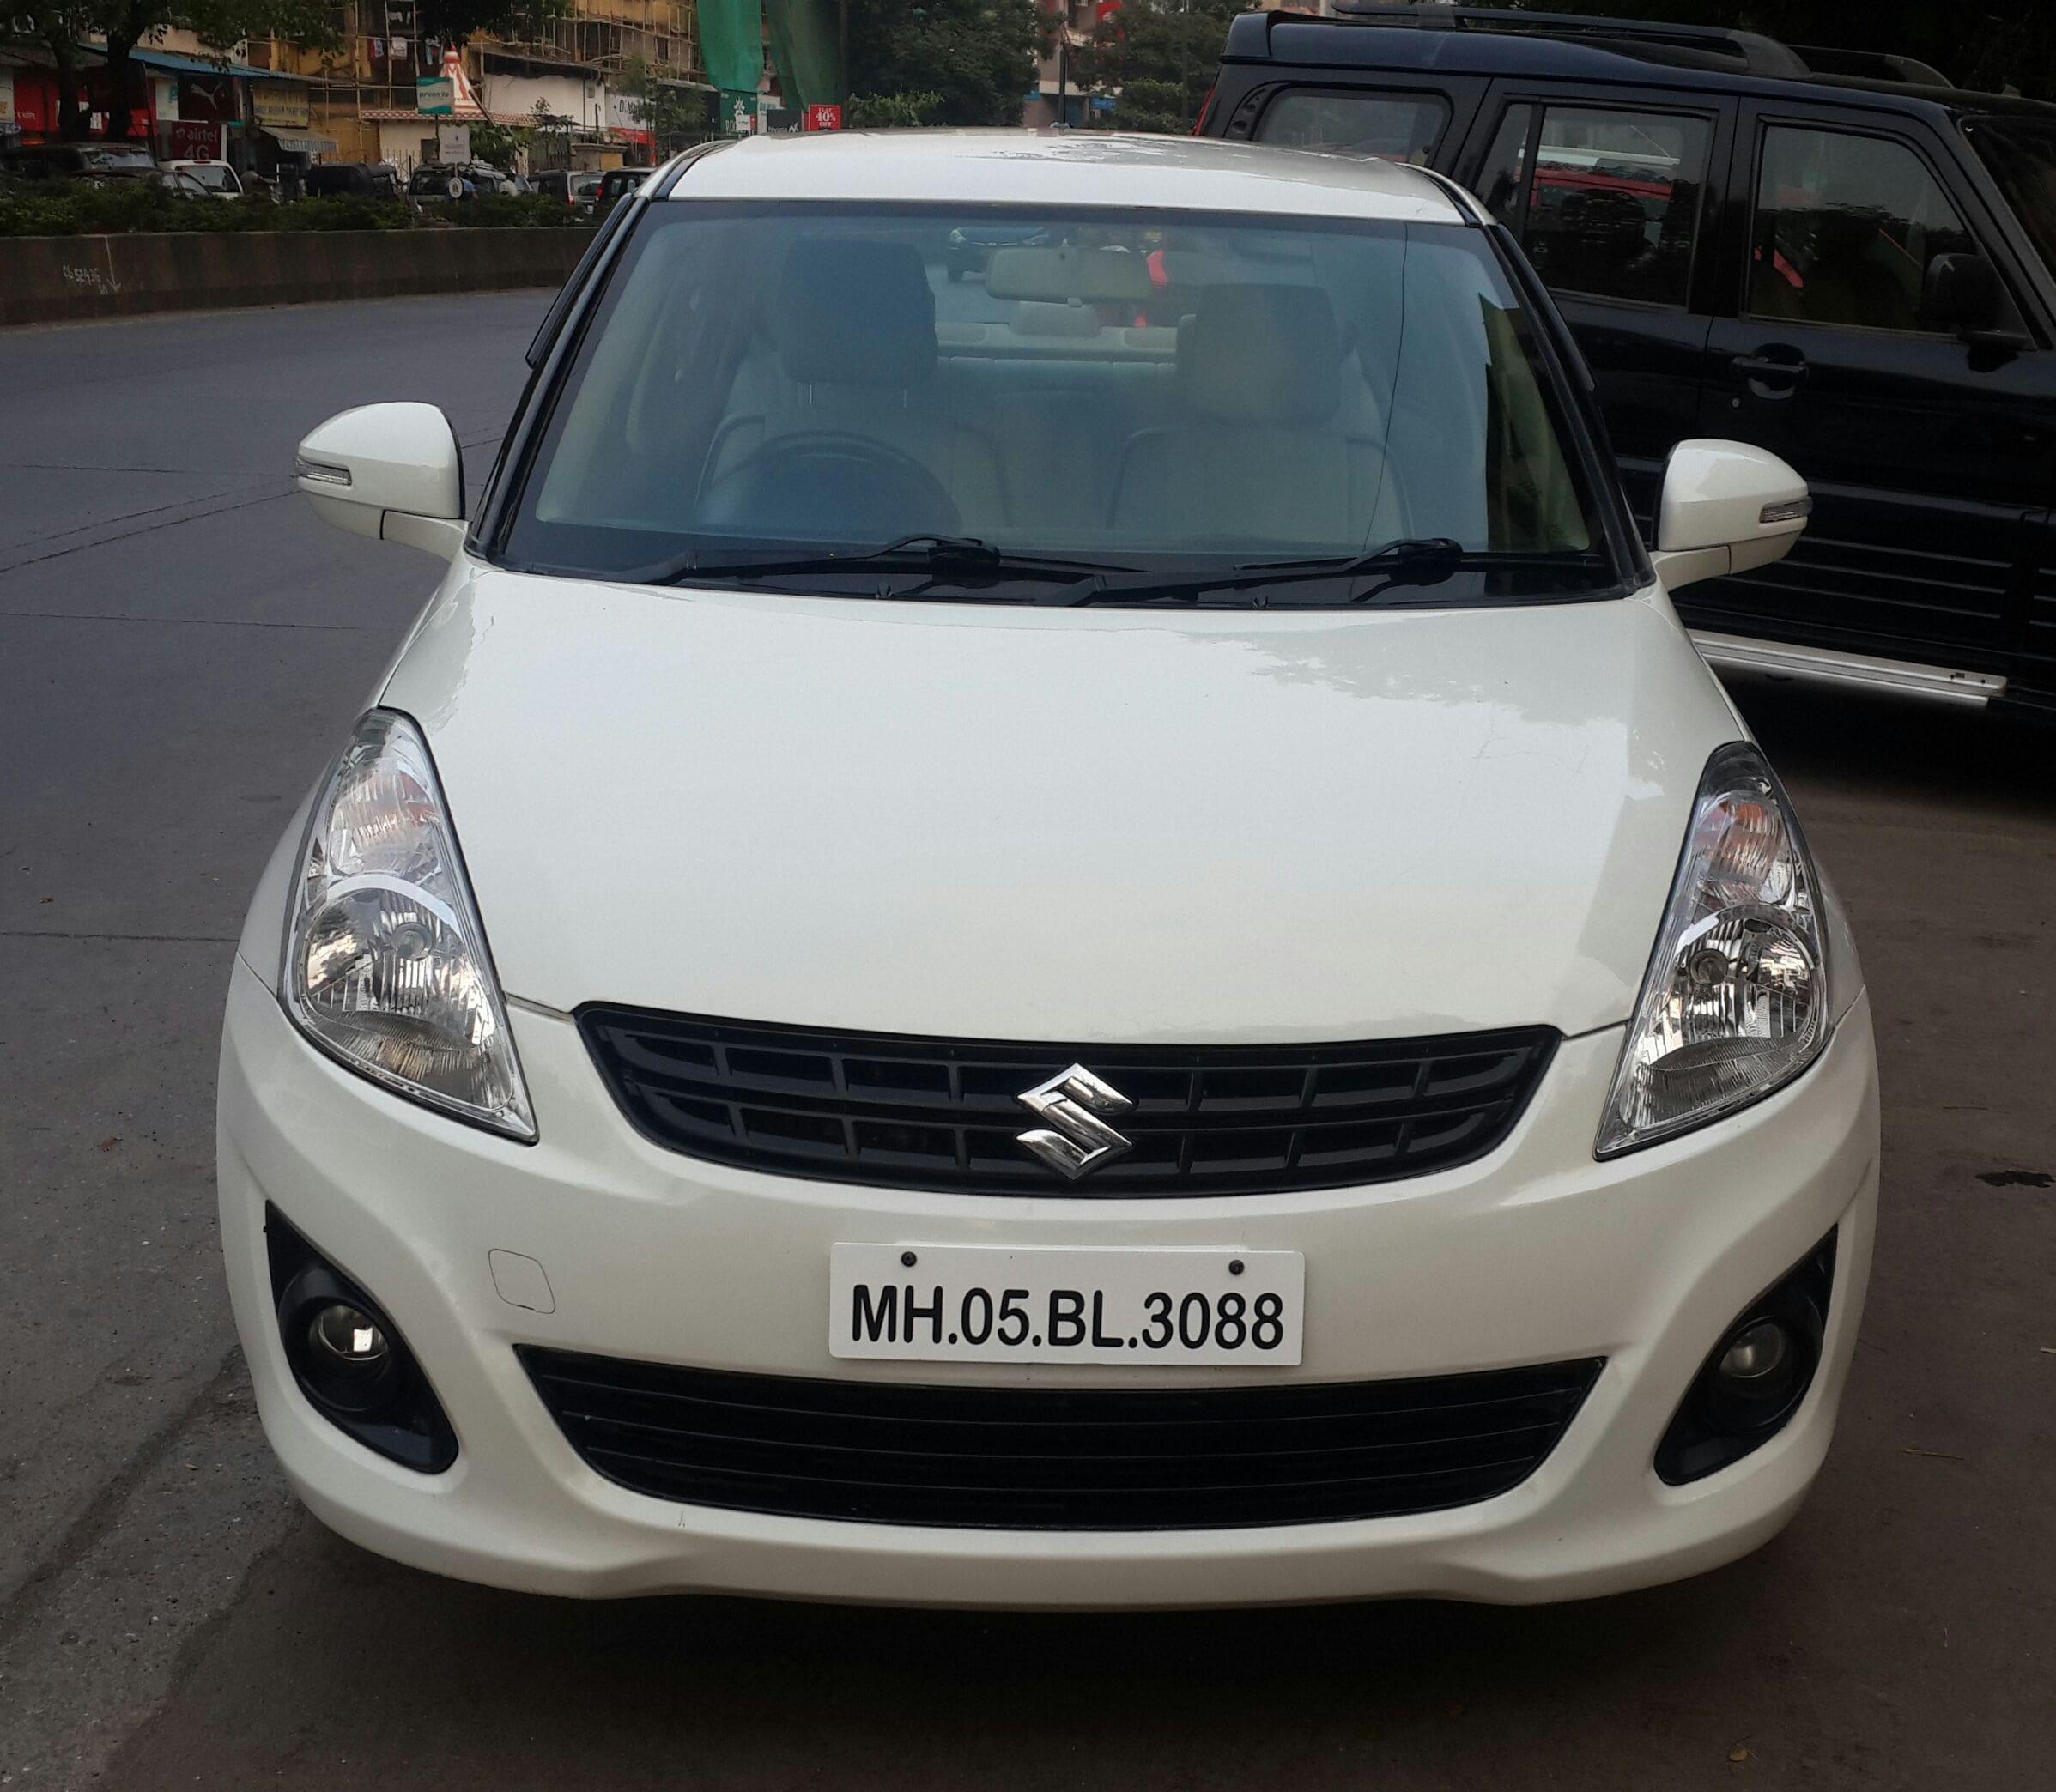 Maruti Alto K10 Price Used Car2016: Used Car Price - Page 69